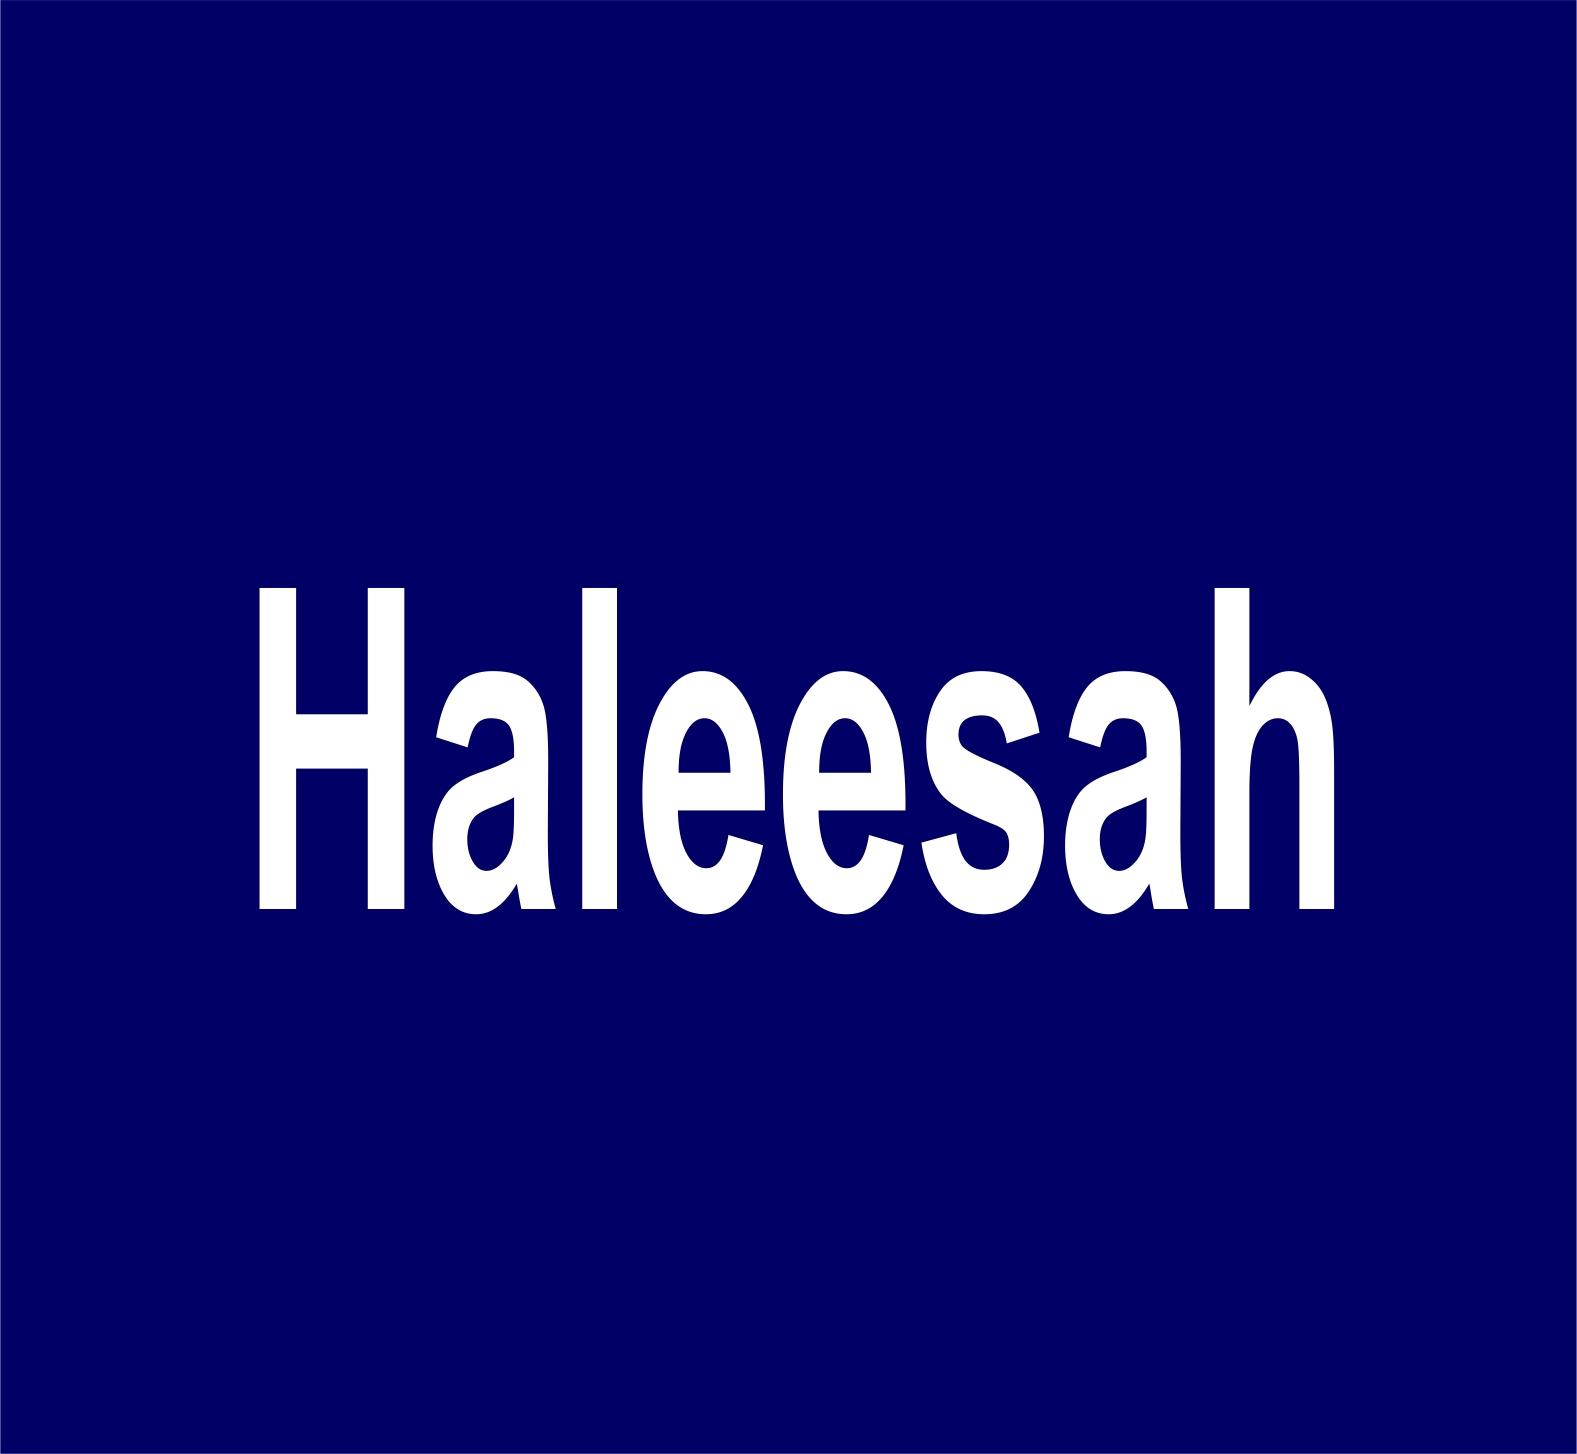 Haleesah - Gidan Novels   Hausa Novels